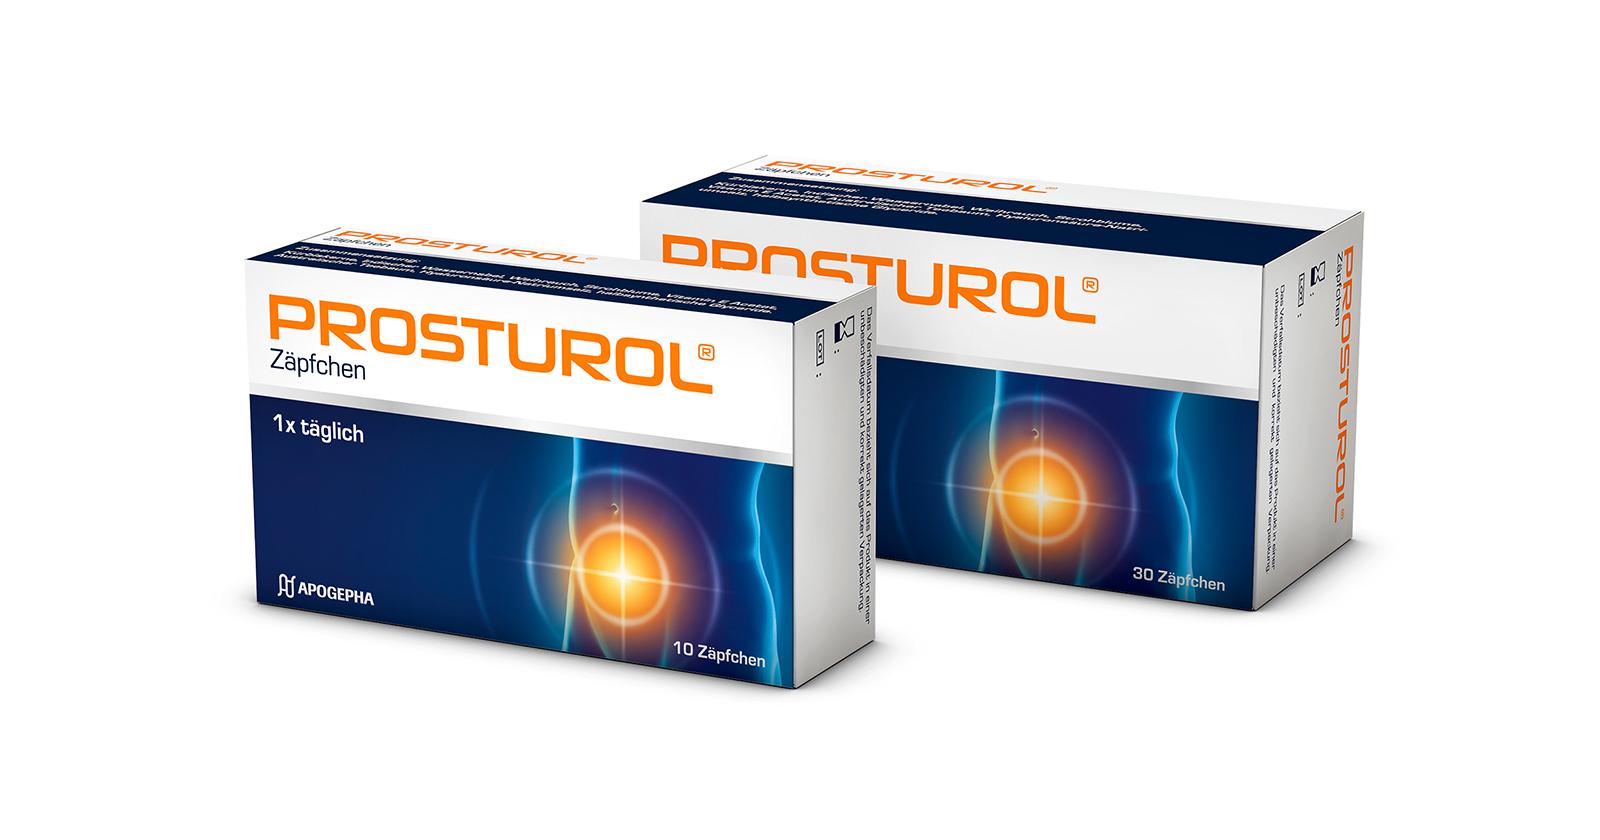 Packshots Prosturol® Zäpfchen